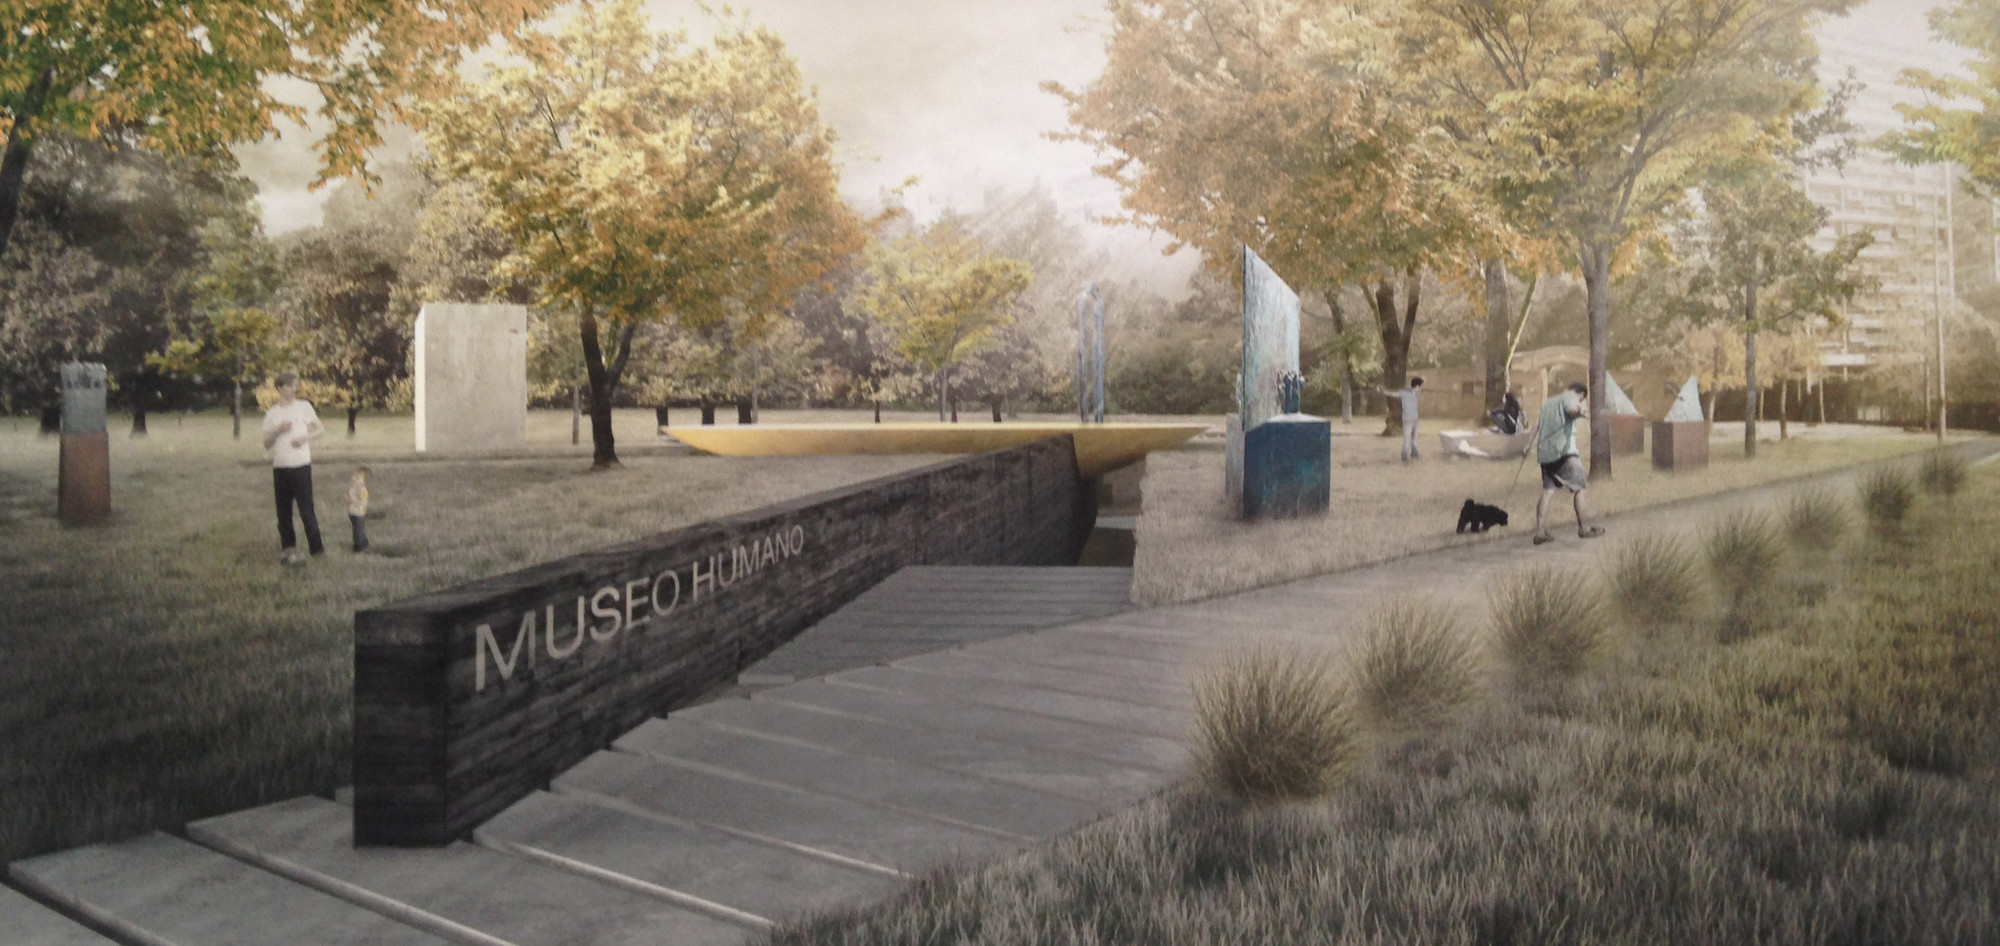 Cinco proyectos seleccionados para el diseño del nuevo Parque Museo Humano San Borja, en Santiago de Chile, Render Propuesta Bbats + Tirado. Image © Plataforma Arquitectura